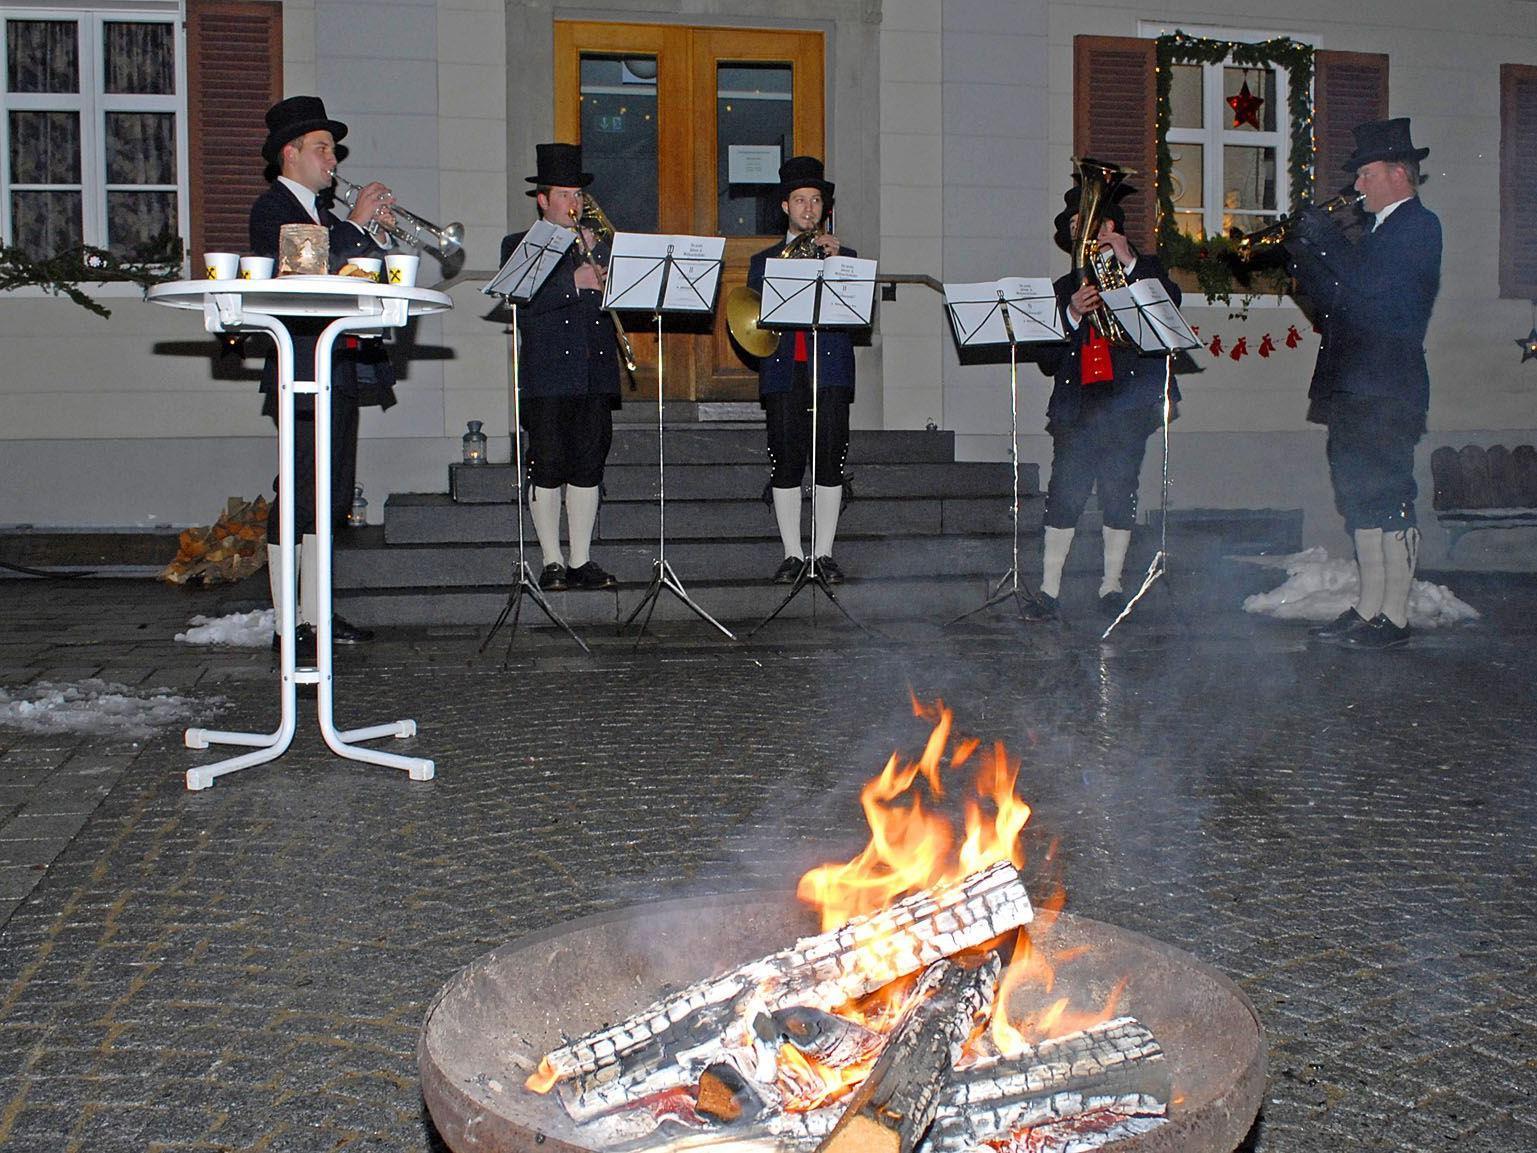 Ein Bläserensemble der Trachtenkapelle Gantschier umrahmte die Adventfensteröffnung in Schruns musikalisch.